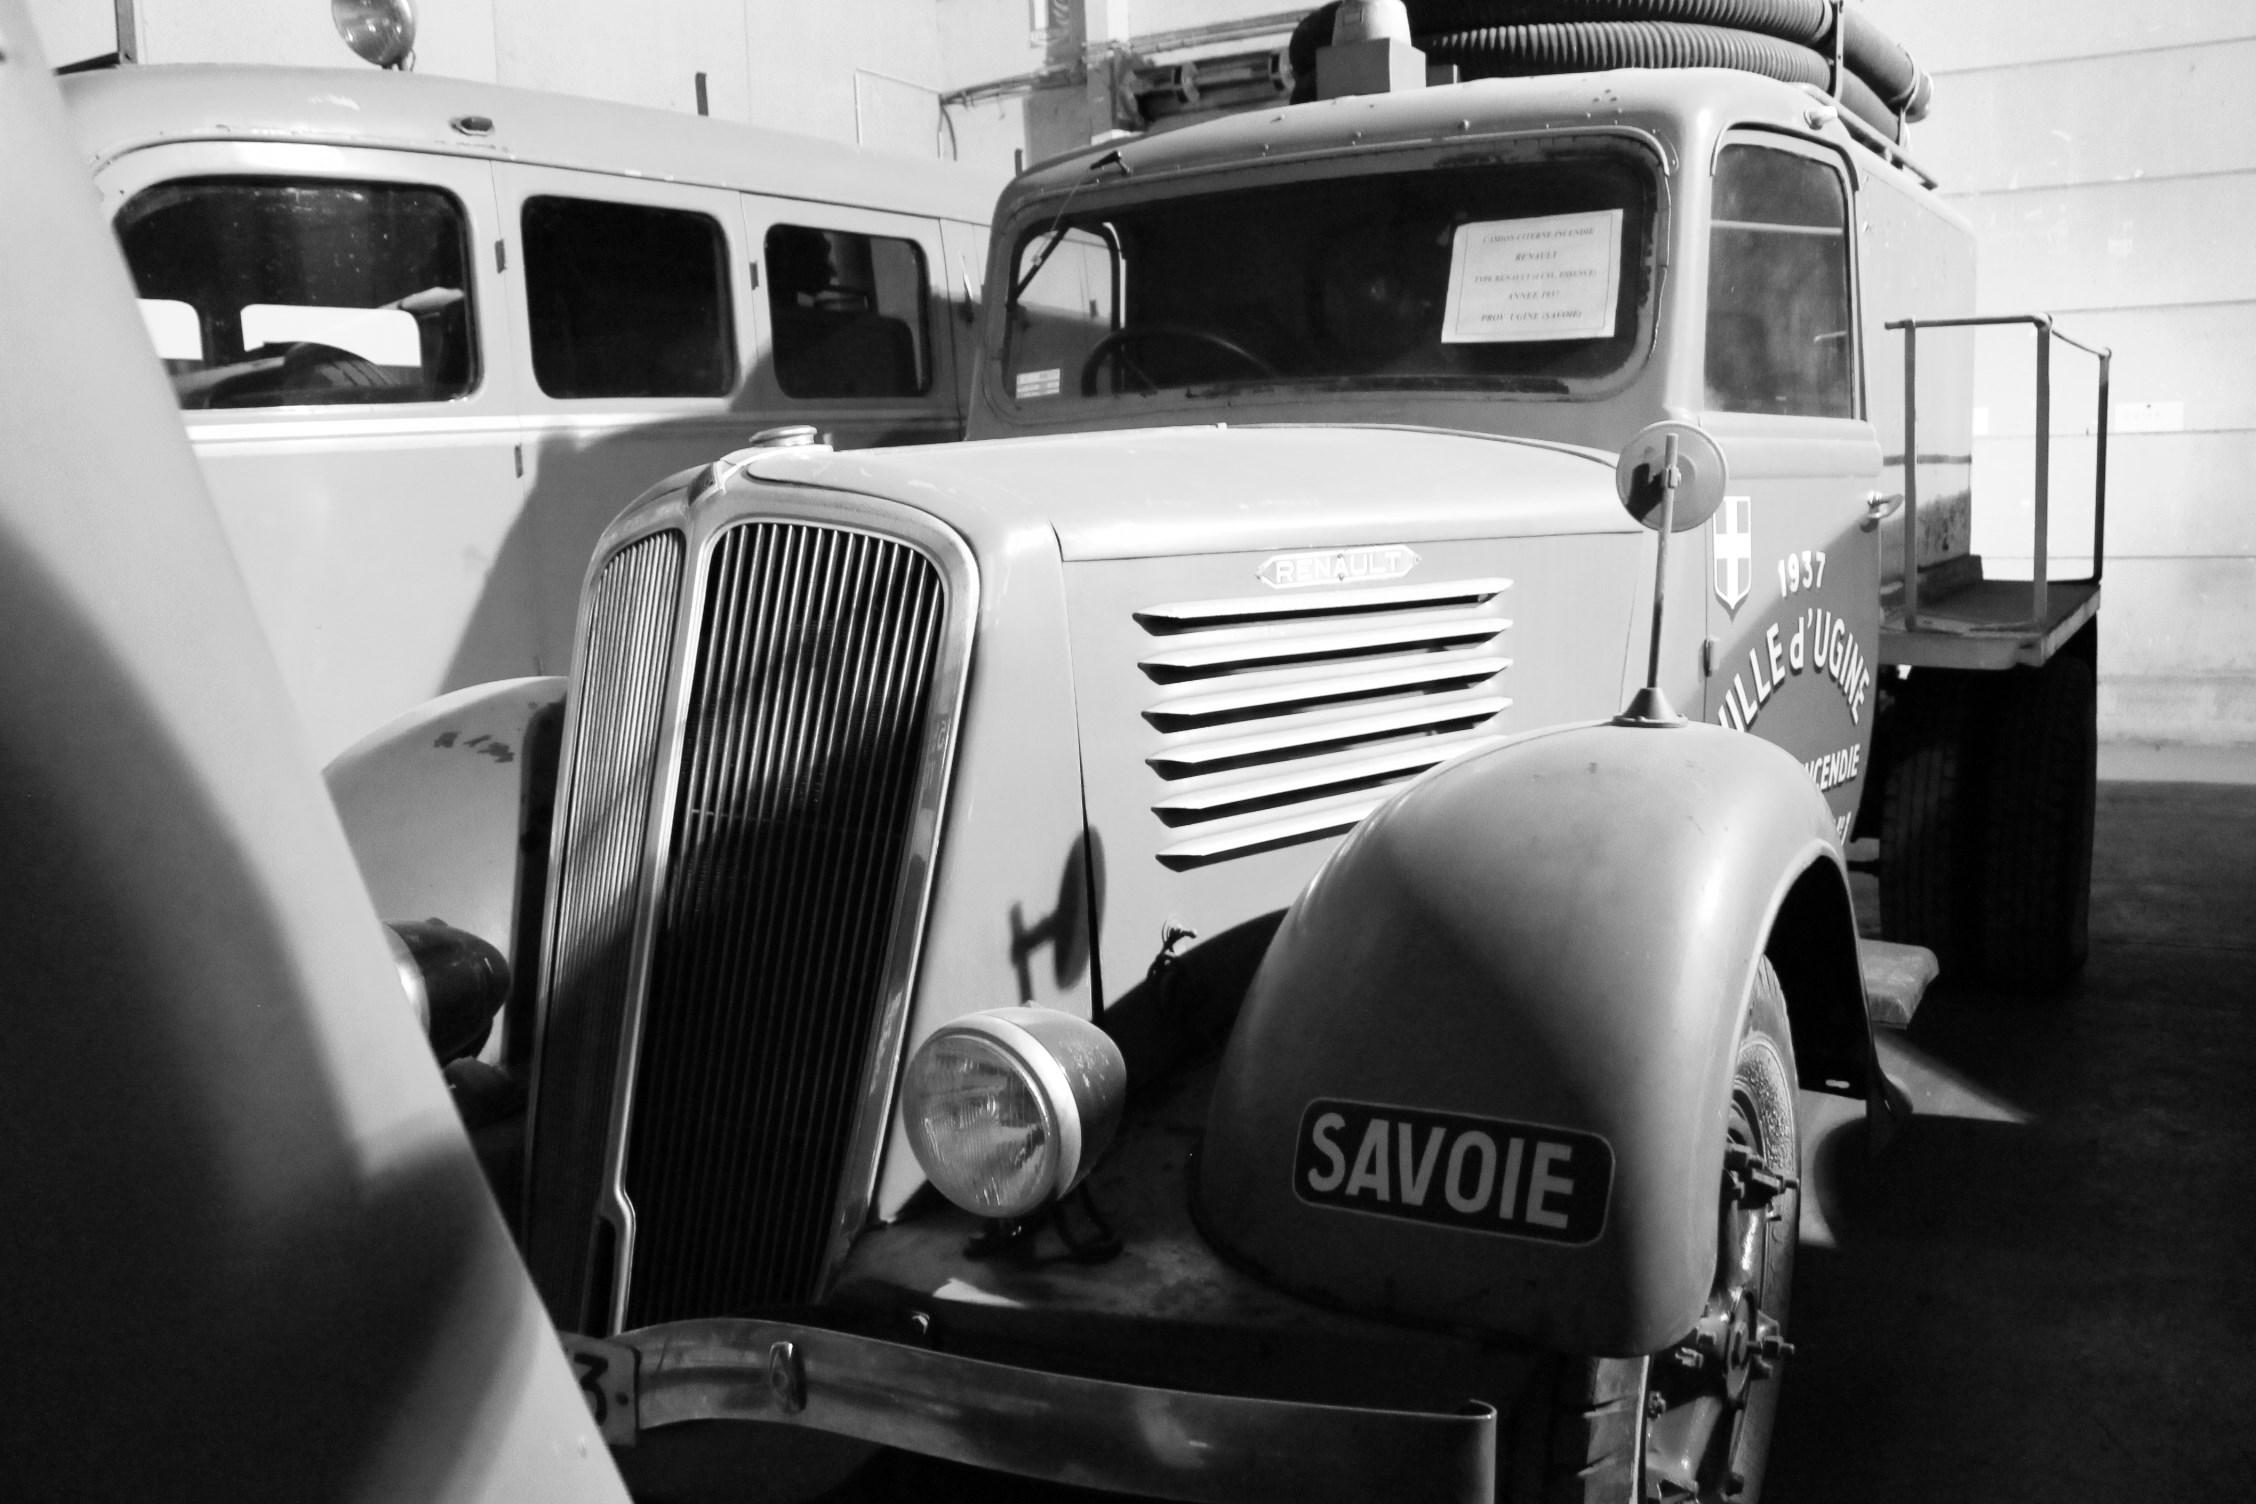 Véhicule de pompier ancien - Page 168 - Auto titre